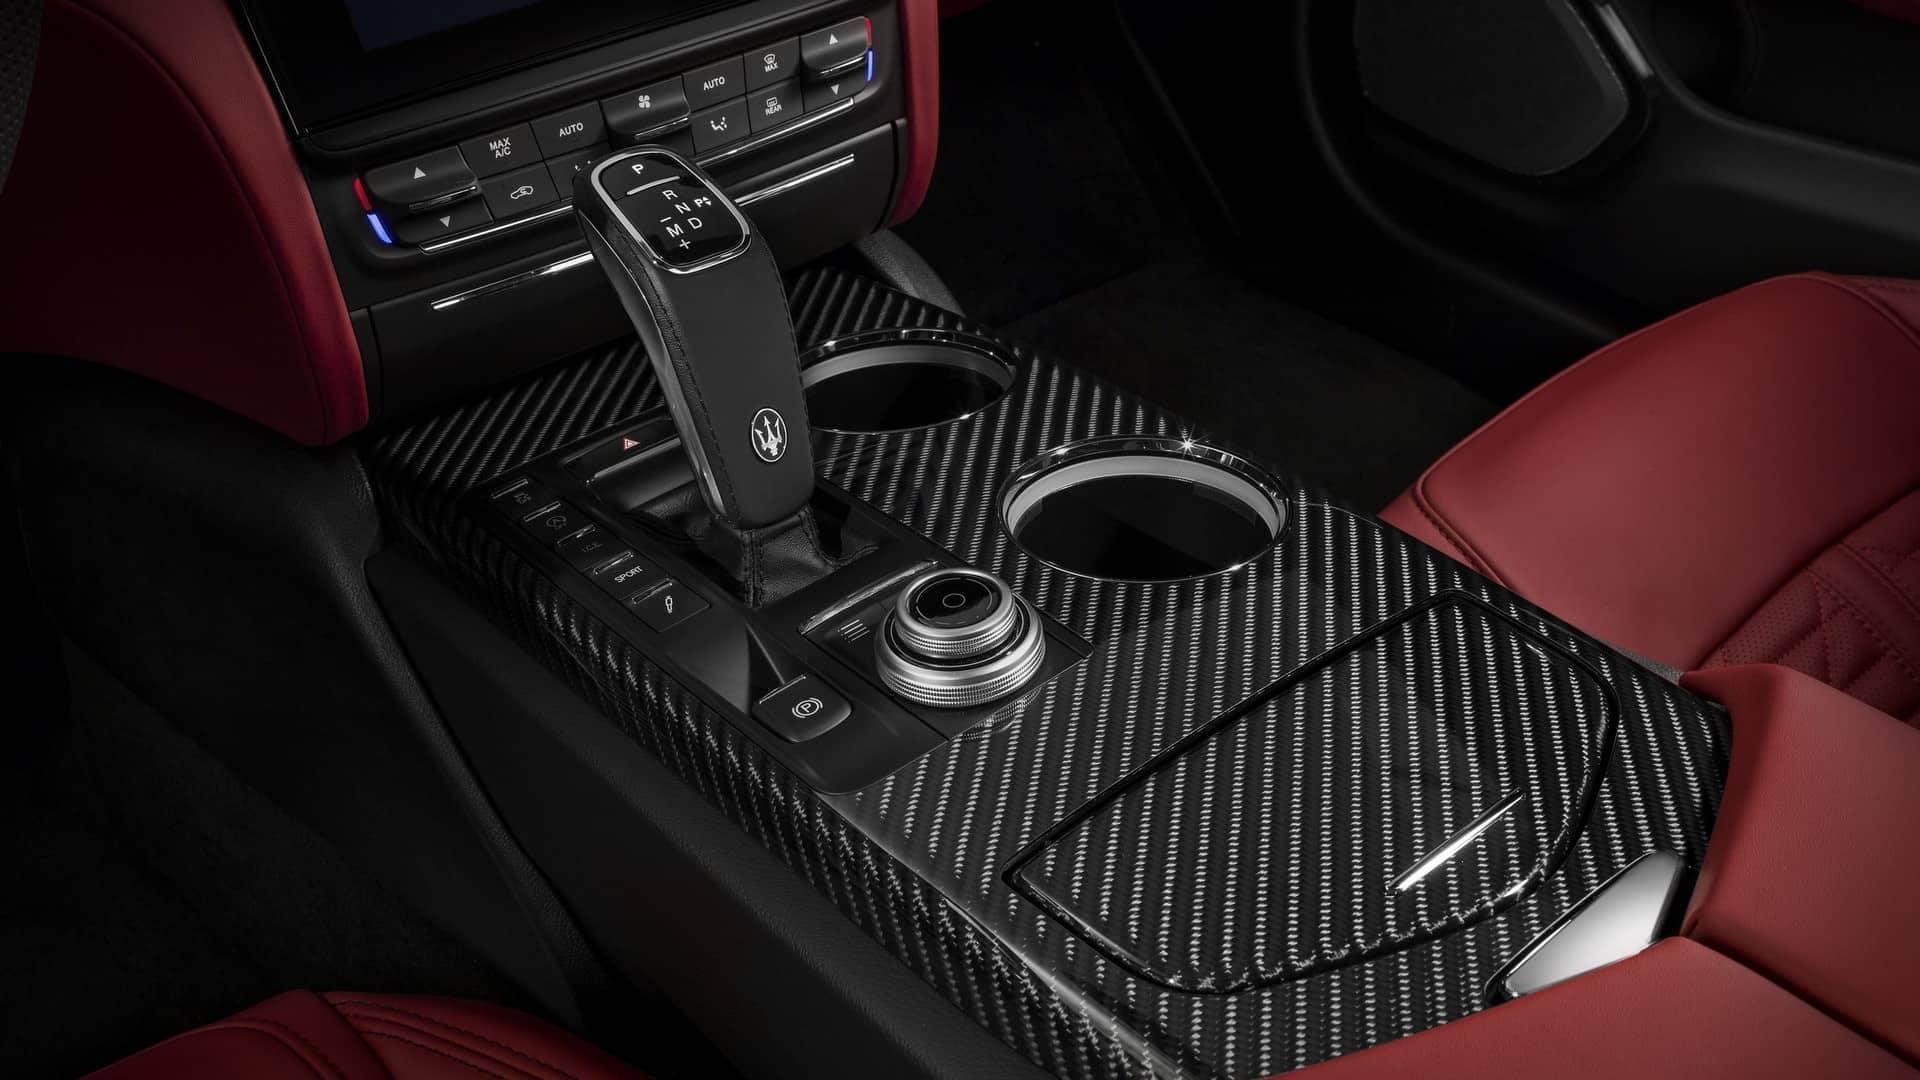 2019 Maserati Quattroporte interior features